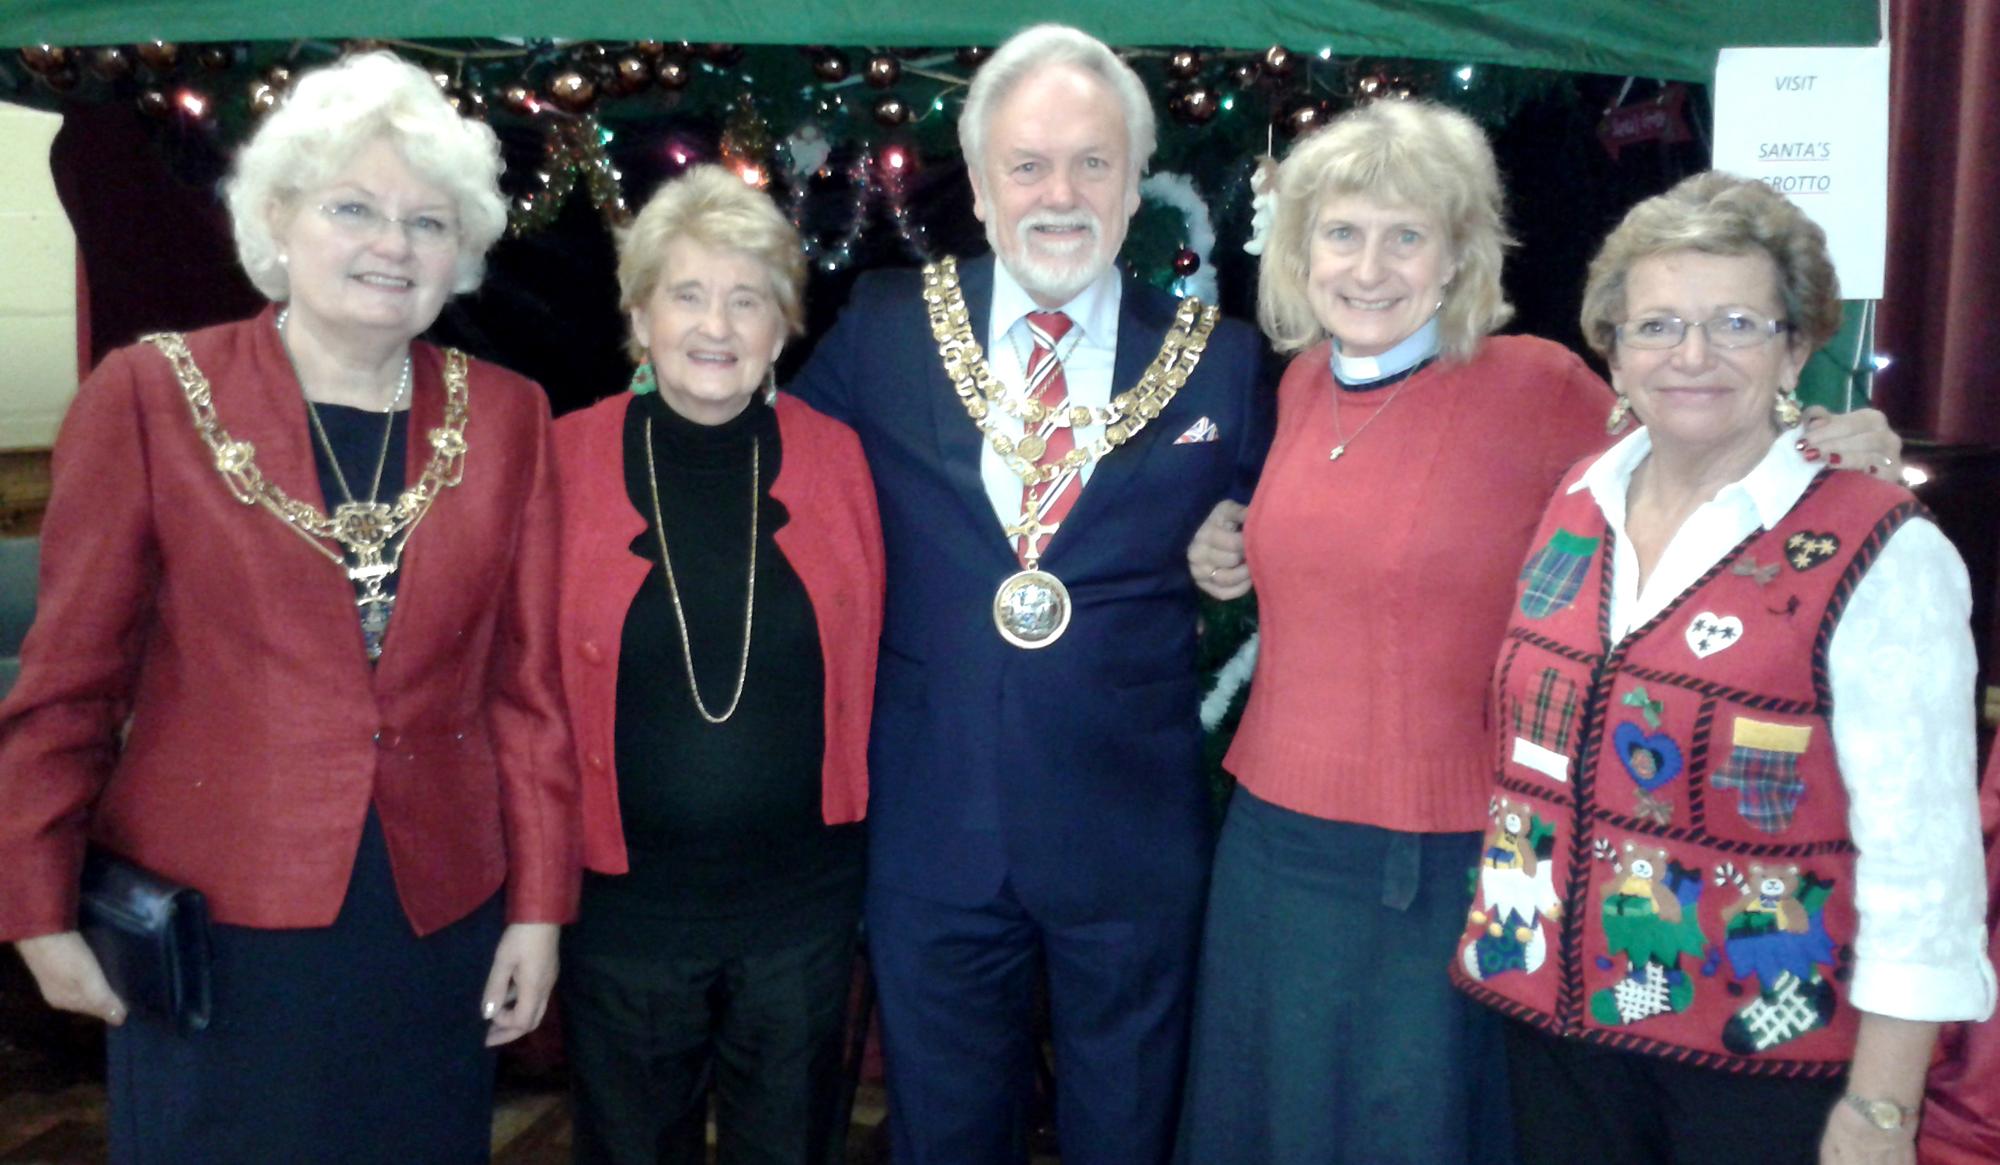 Mayor Opens Xmas Fair